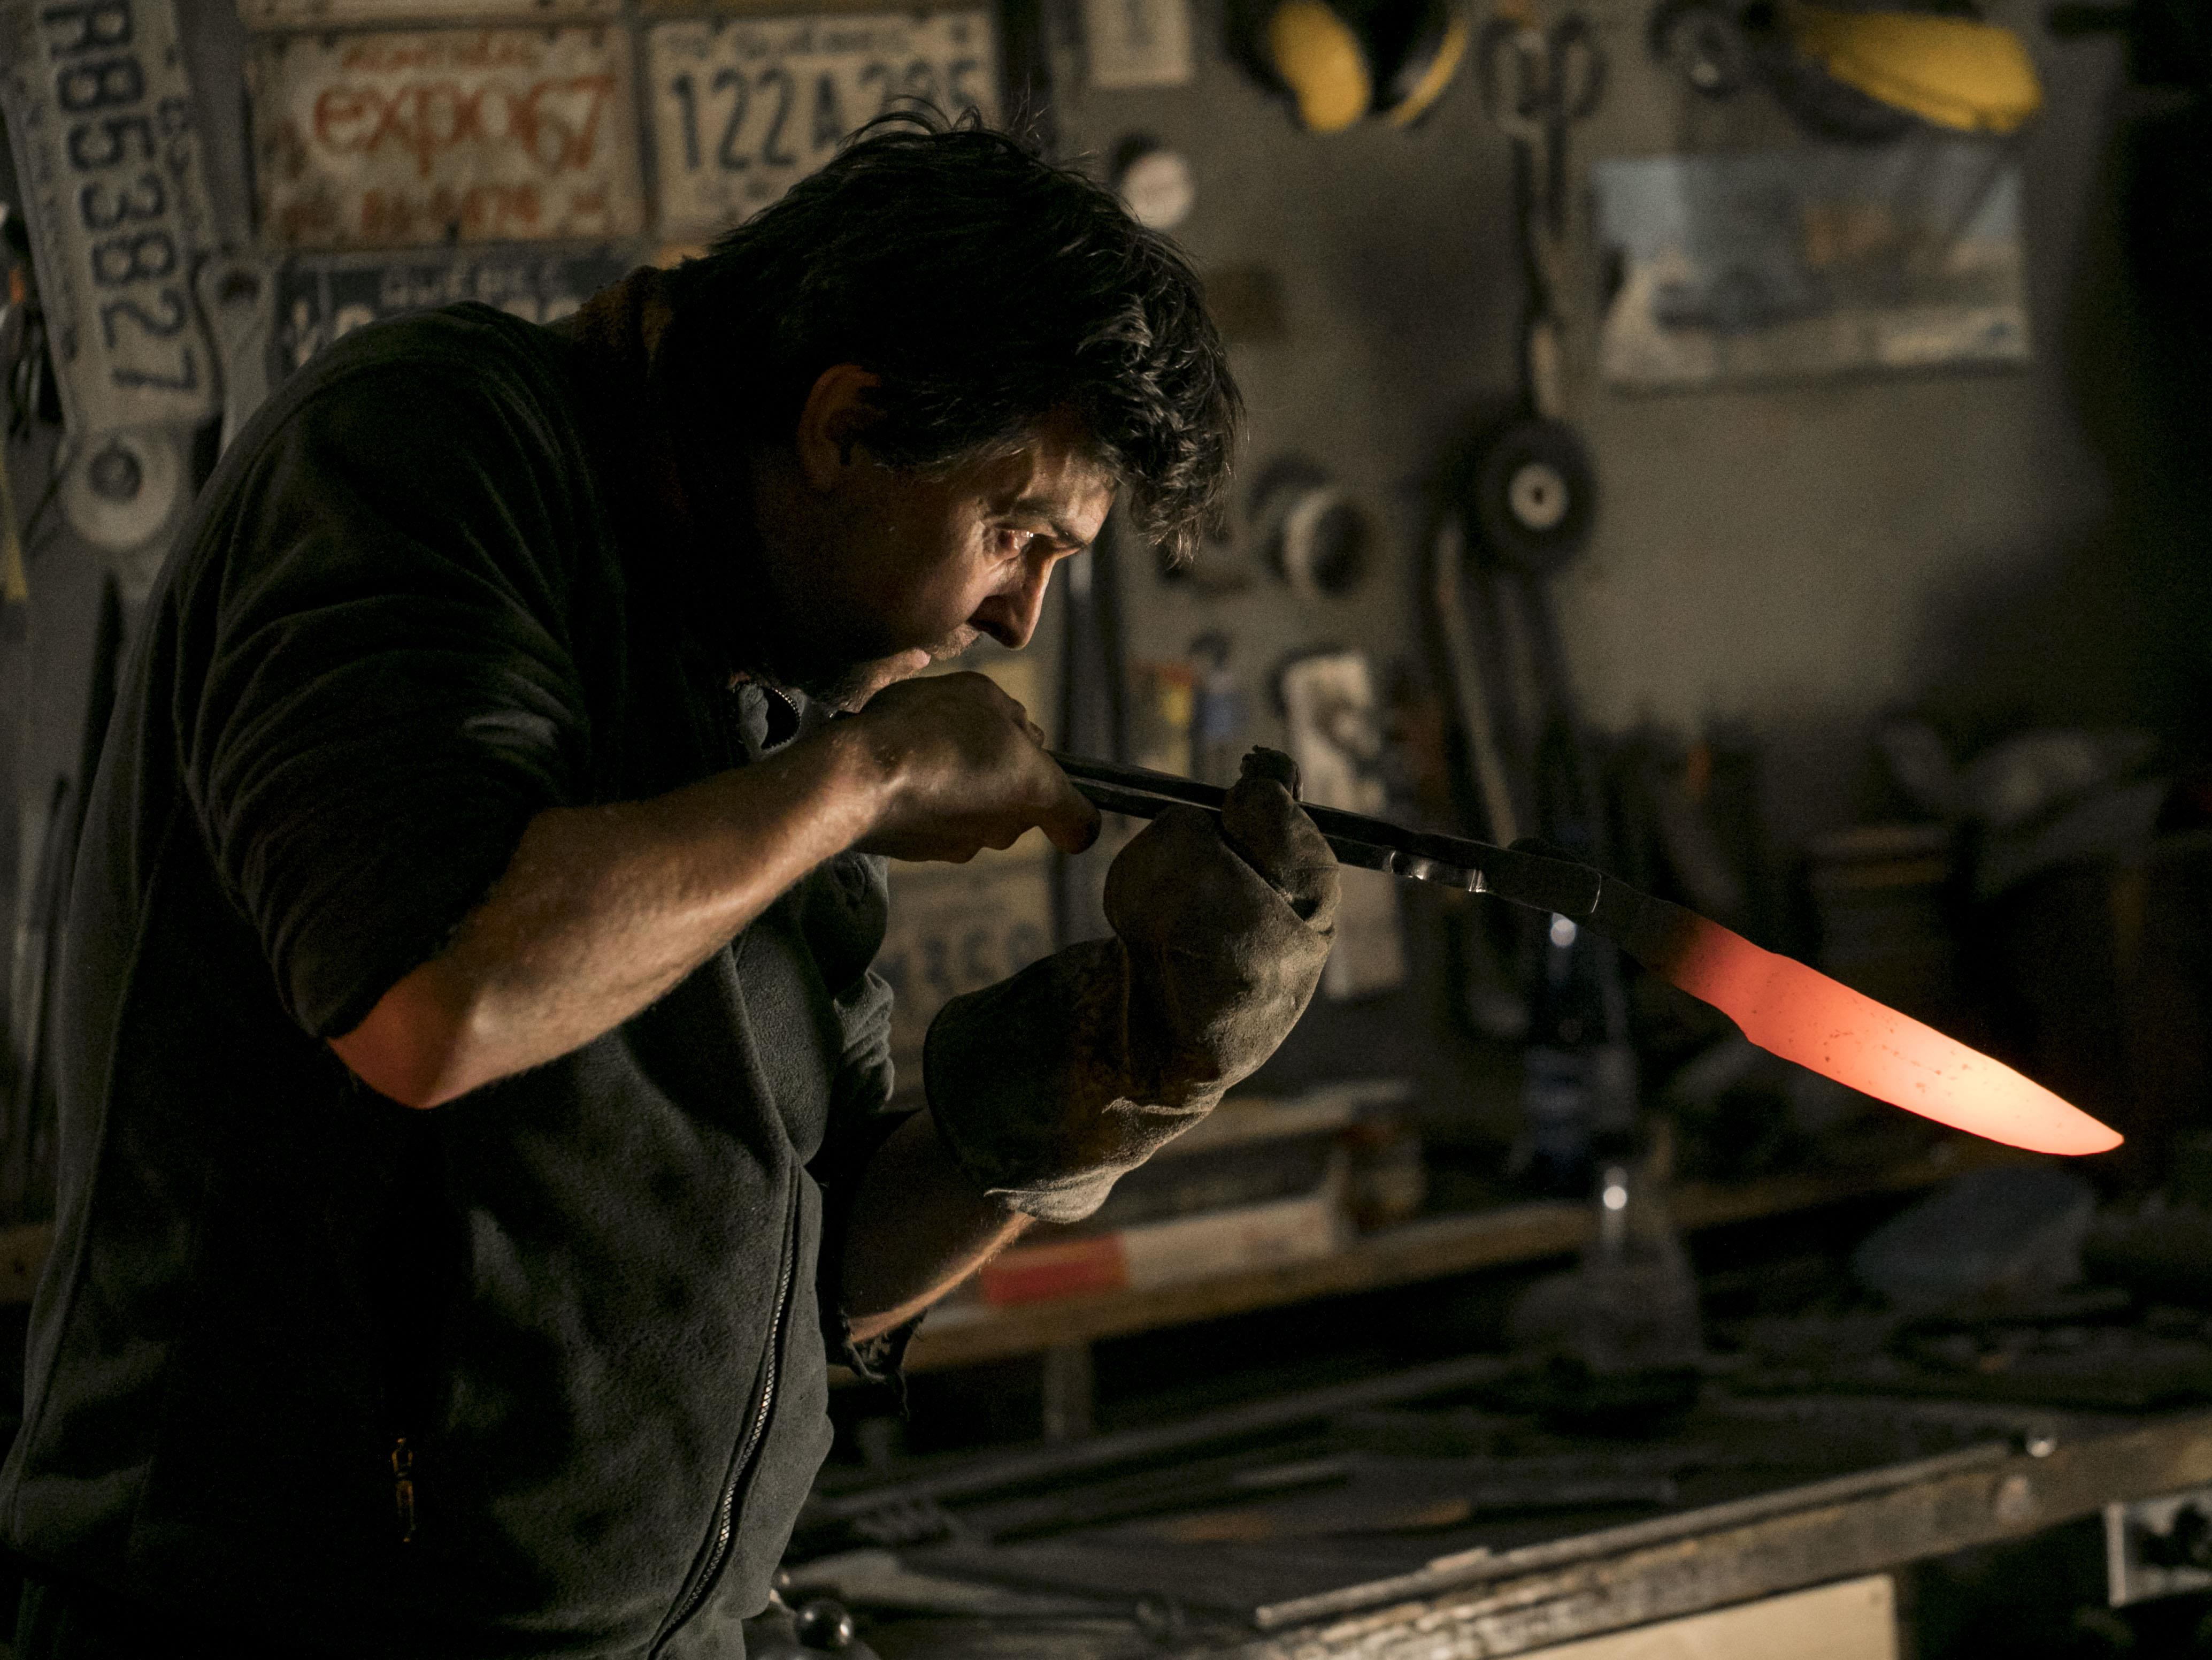 Le coutelier regarde l'angle de sa lame